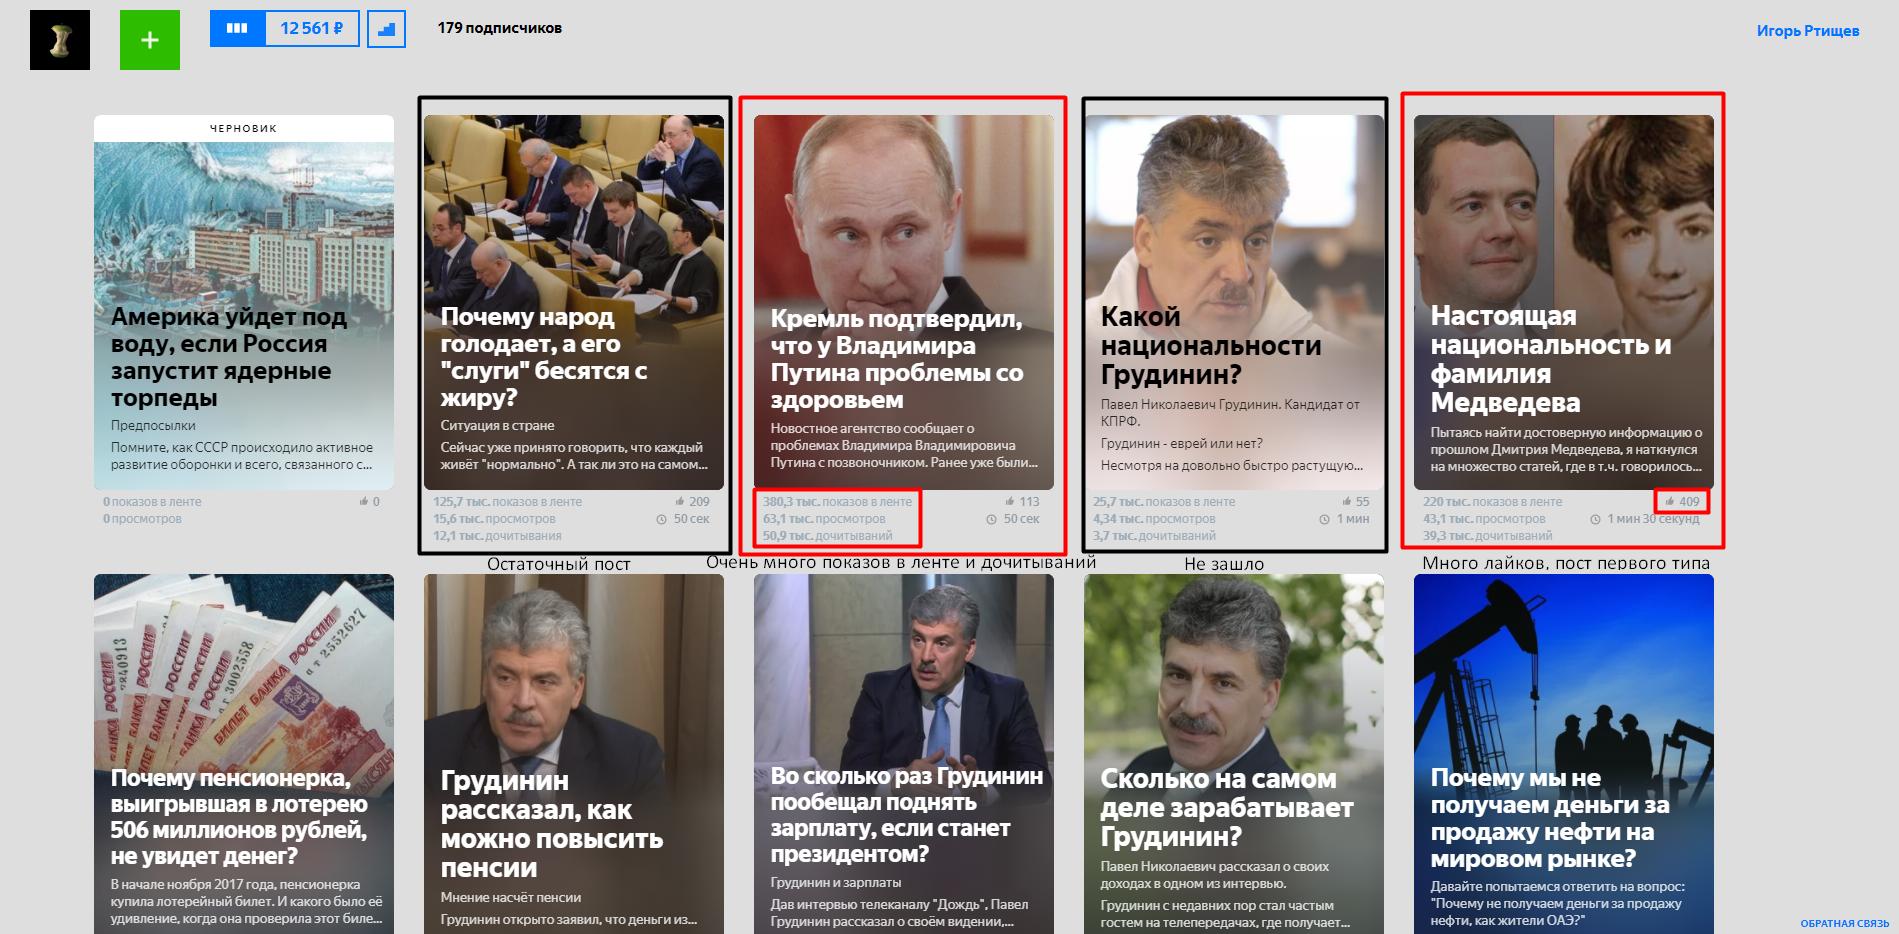 Яндекс.Дзен - какие посты делать?